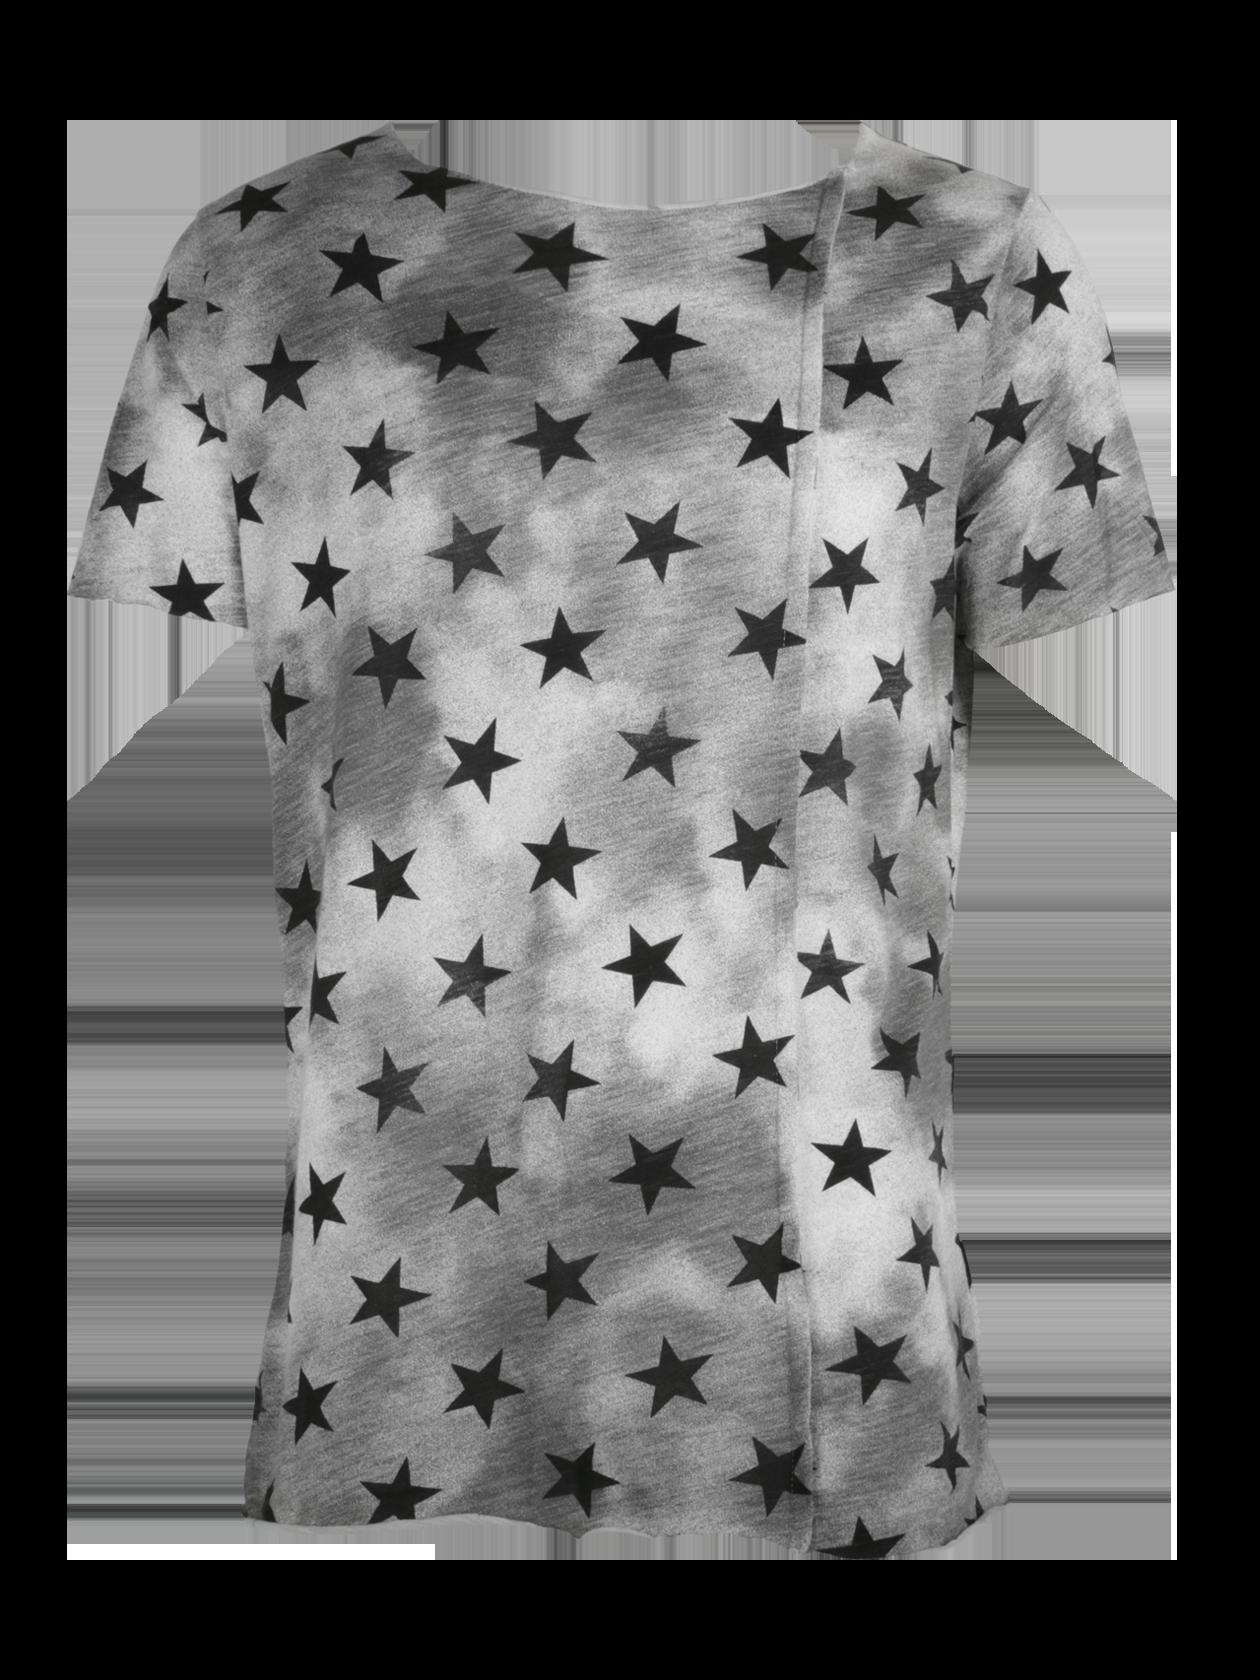 Футболка унисекс SUPER STARФутболка унисекс Super Star – стильная и практичная вещь на каждый день. Модель прямого кроя, свободного силуэта с широким коротким рукавом. Горловина выполнена в форме полумесяца, содержит лейбл бренда Black Star Wear с изнаночной стороны. Актуальная в любом сезоне серая расцветка с затемнениями и рисунком в виде черных звезд по всему изделию. На спине в районе горловины оформлен принт с цифрой 13. Футболка изготовлена из элитного 100% хлопка.<br><br>Размер: L<br>Цвет: Серый<br>Пол: Мужской